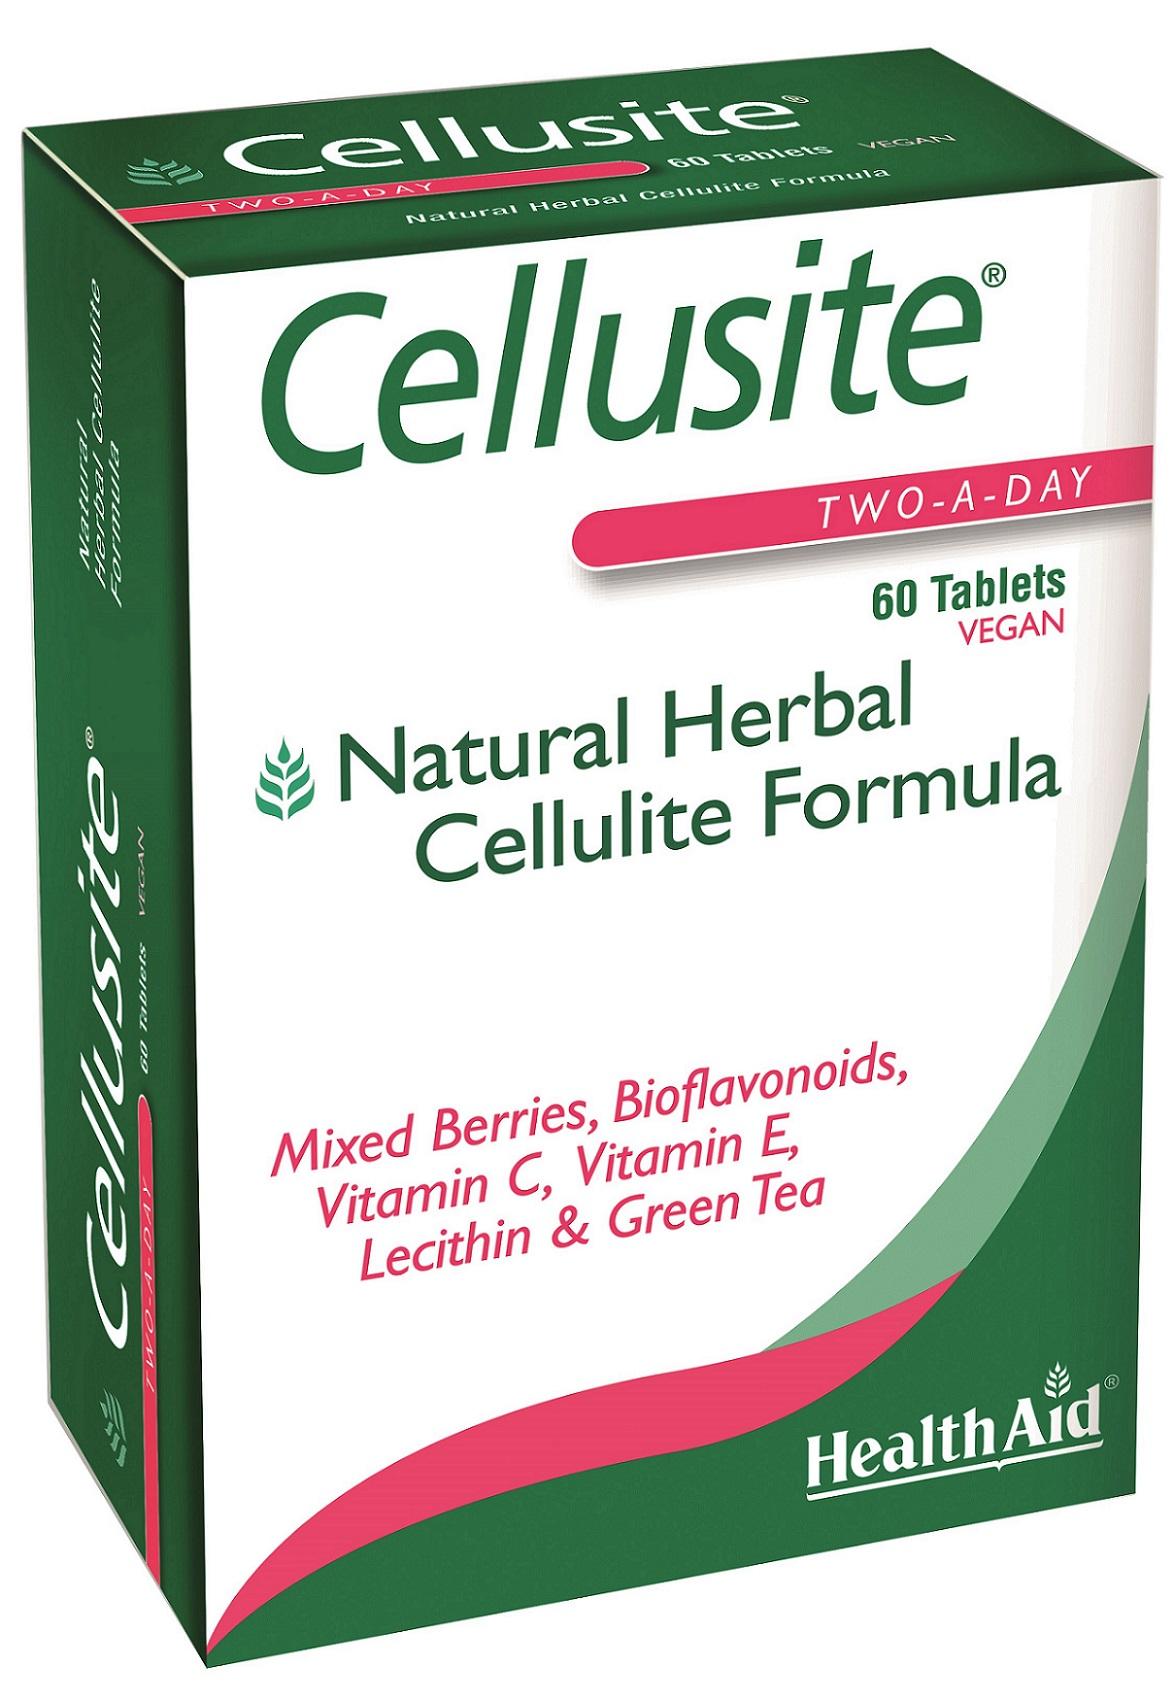 Cellusite 60's